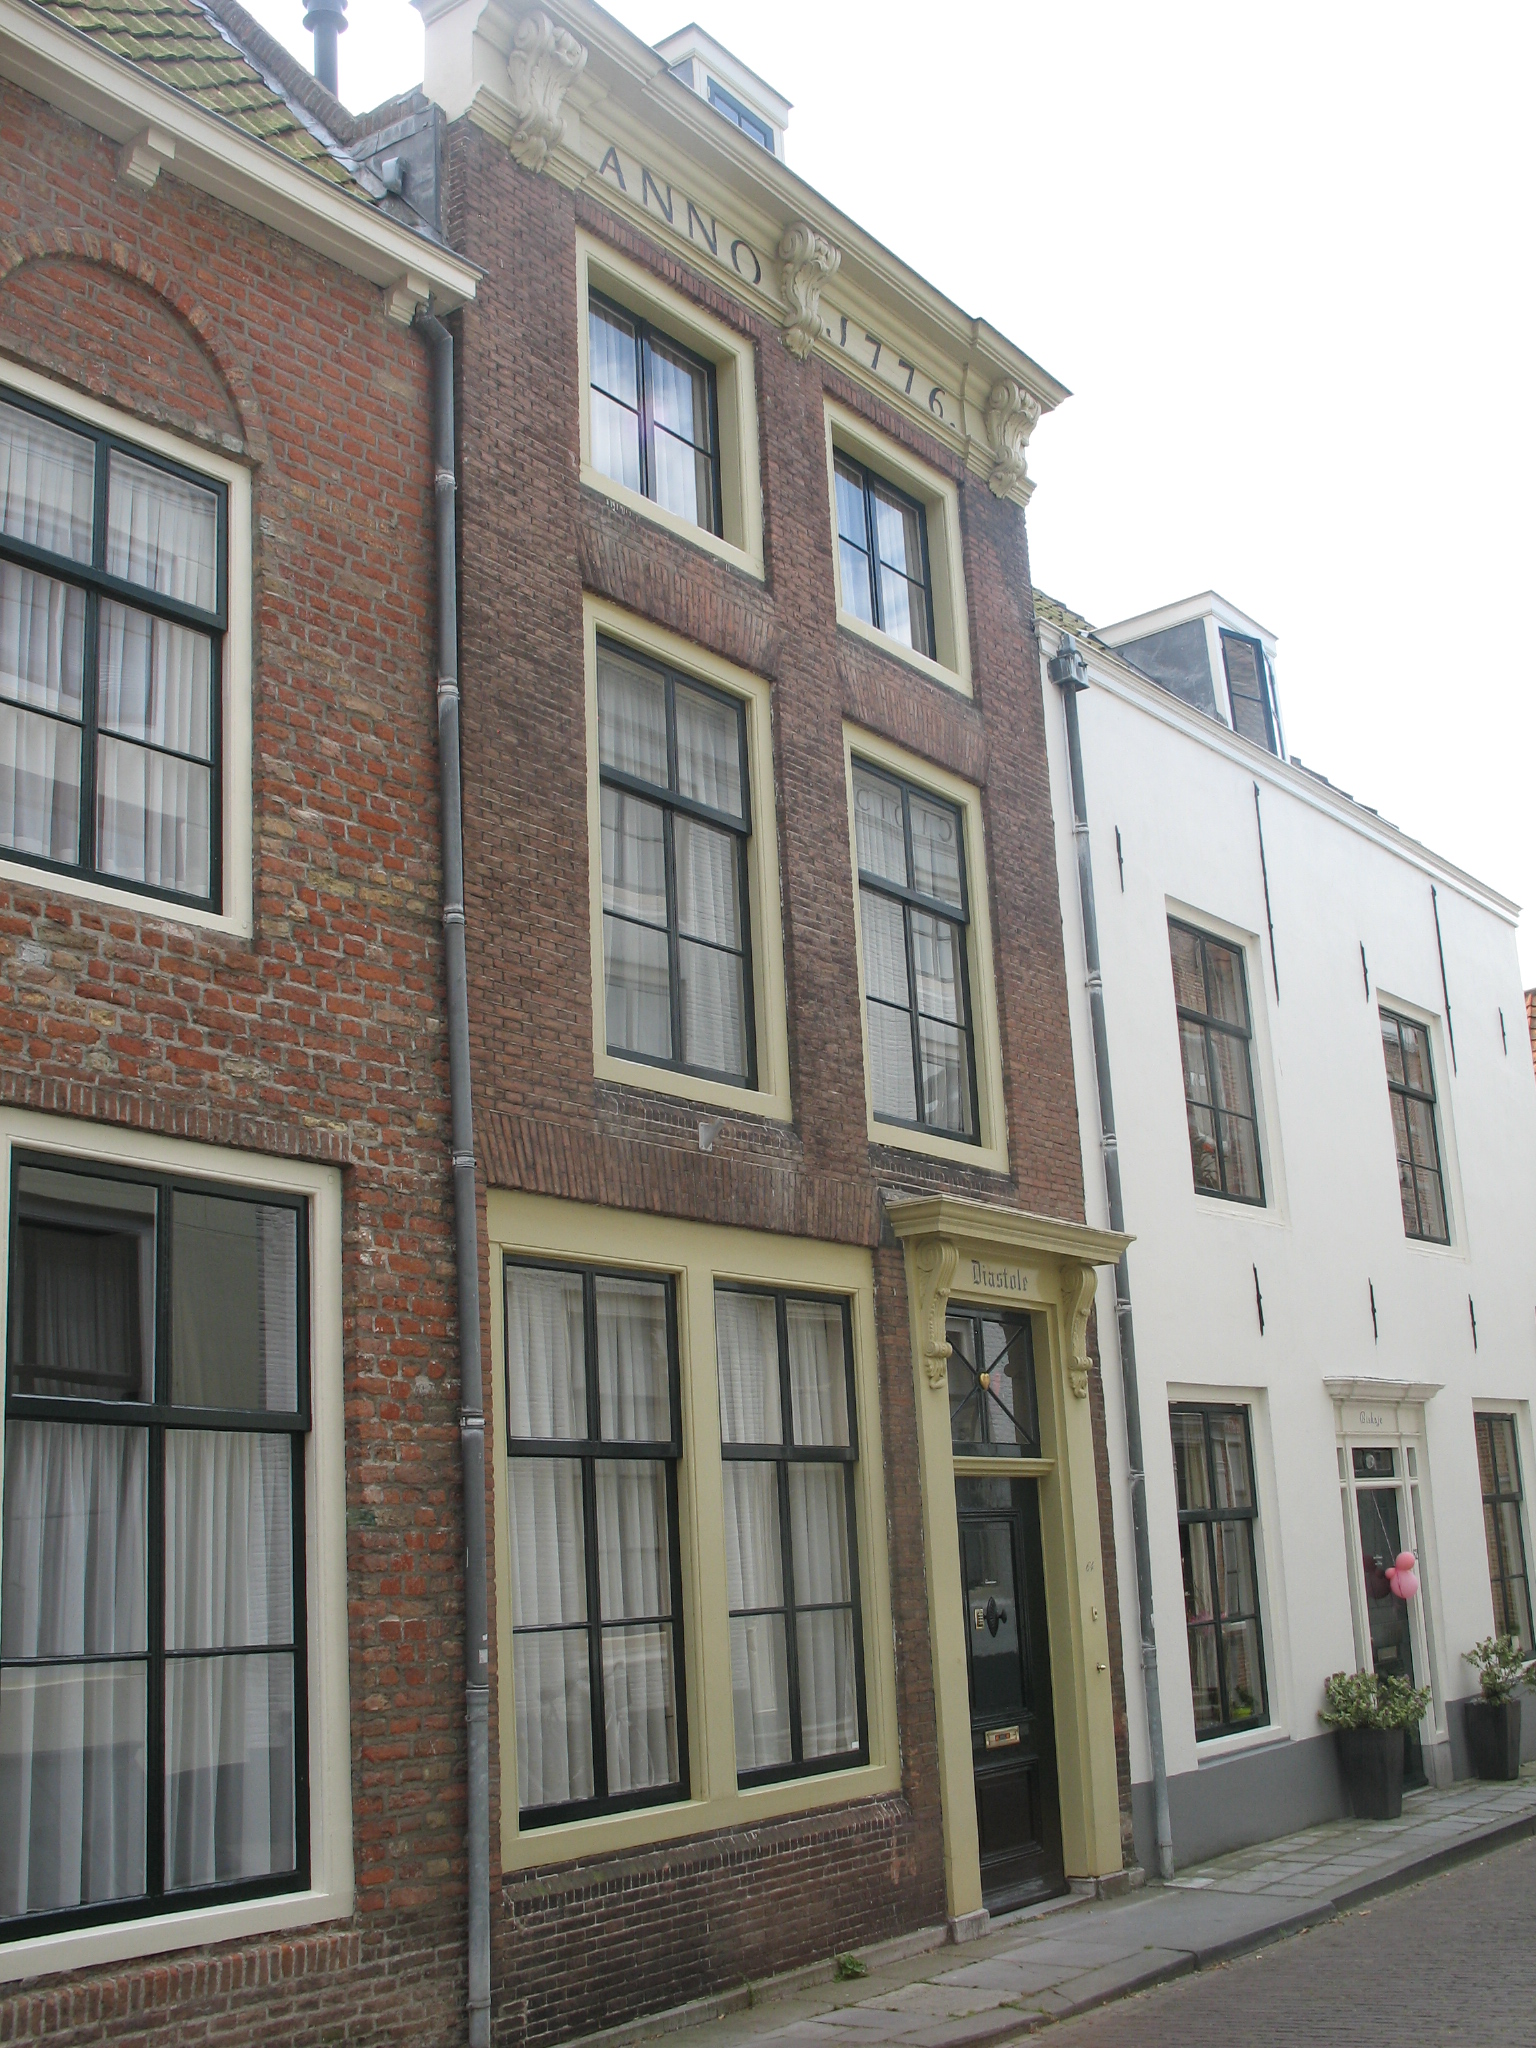 Huis met rechte gevel in lijst gedateerd 1776 in for Lijst inrichting huis